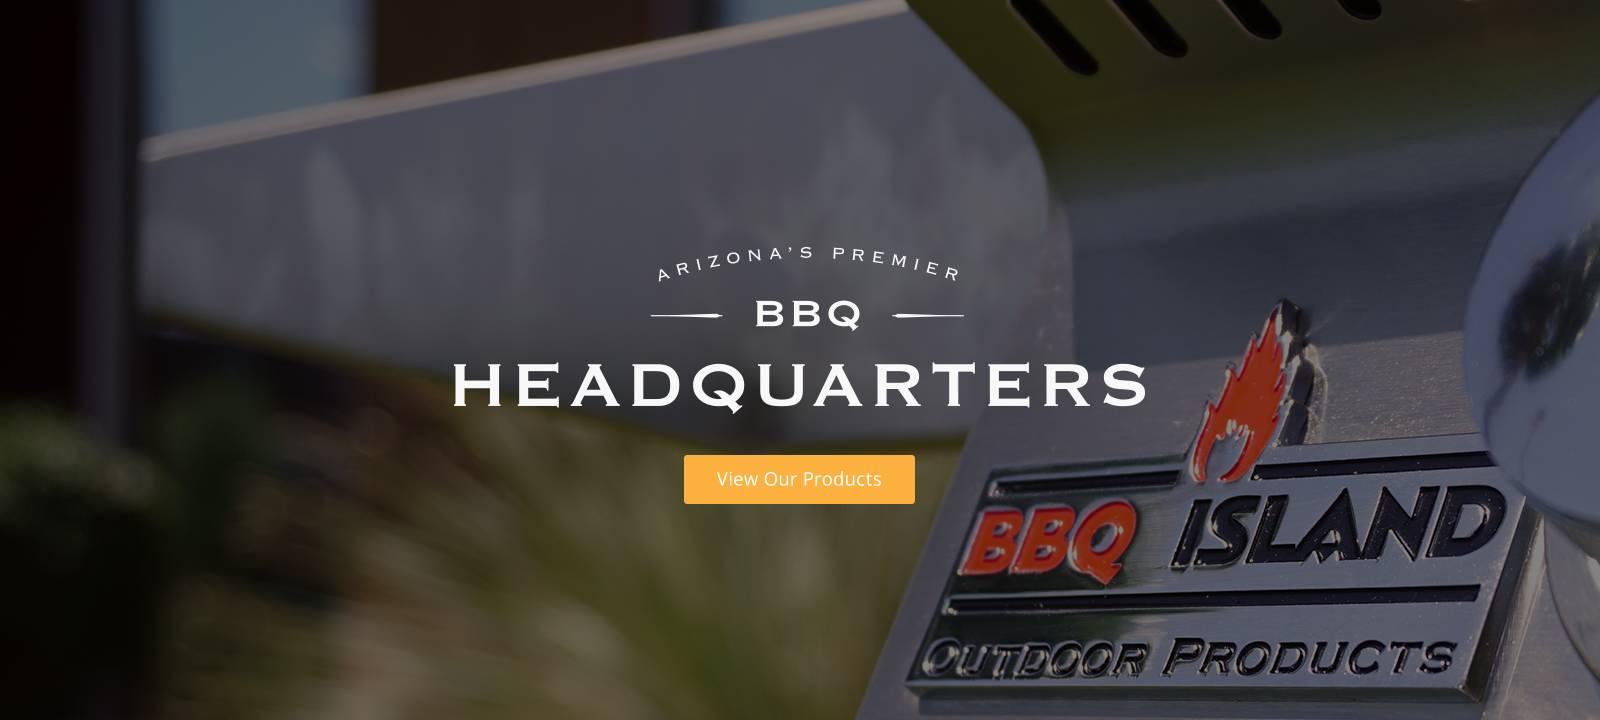 bbq island is arizona u0027s premier bbq u0026 grill superstore